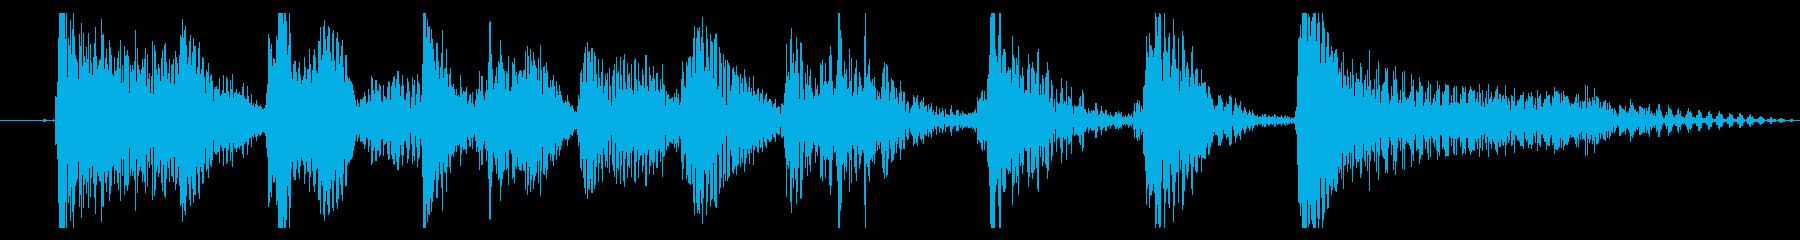 アコギのロックンロールなジングルの再生済みの波形